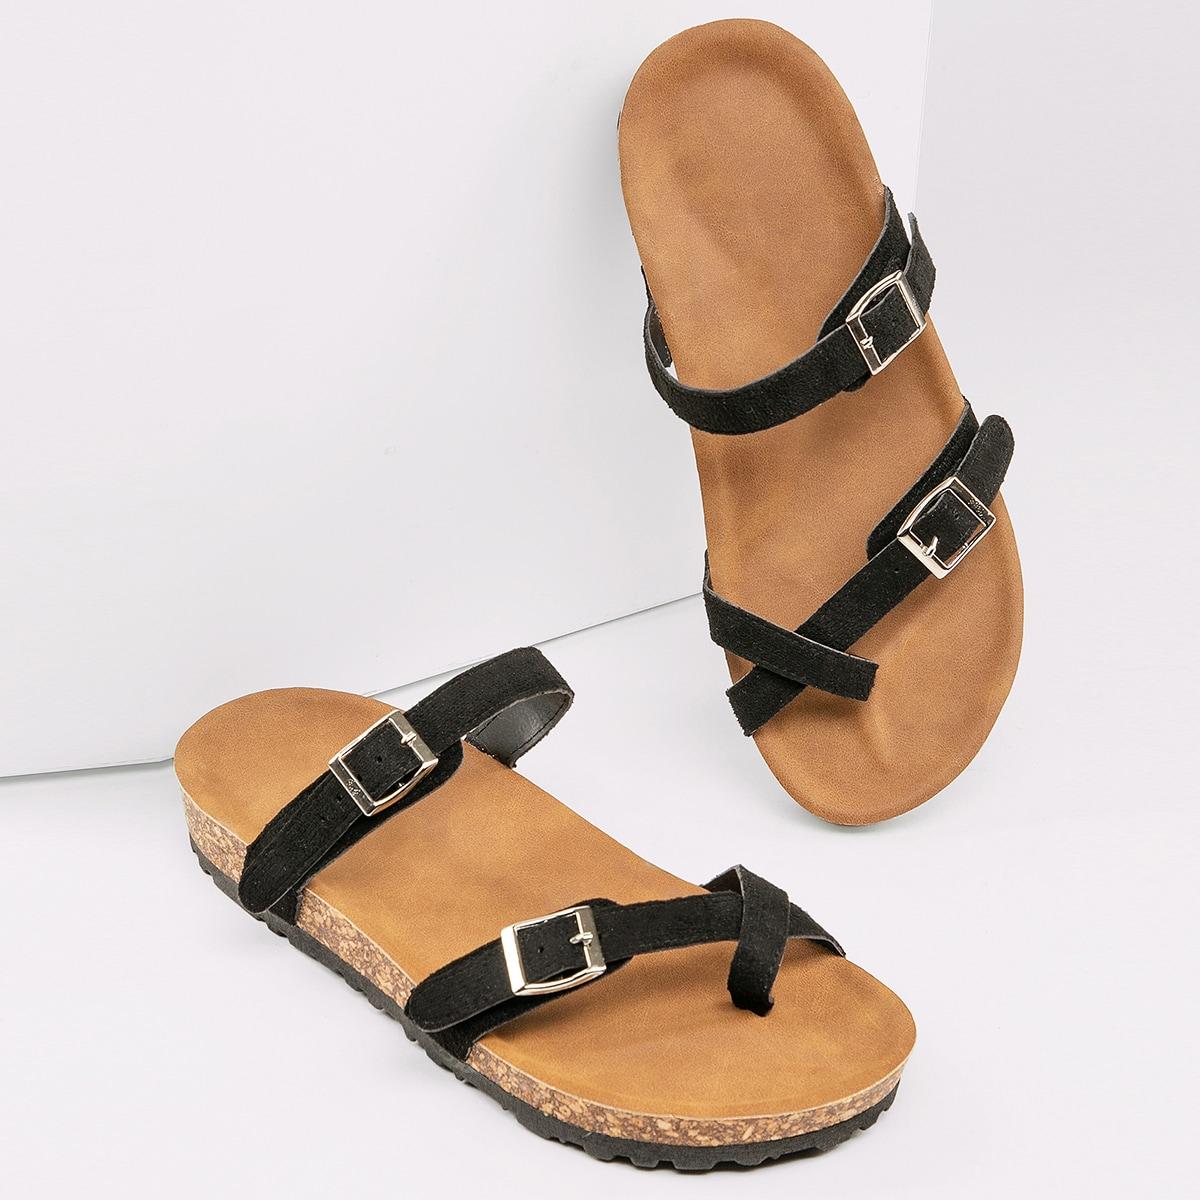 SHEIN / Toe Loop Twin Buckle Footbed Slide Sandals